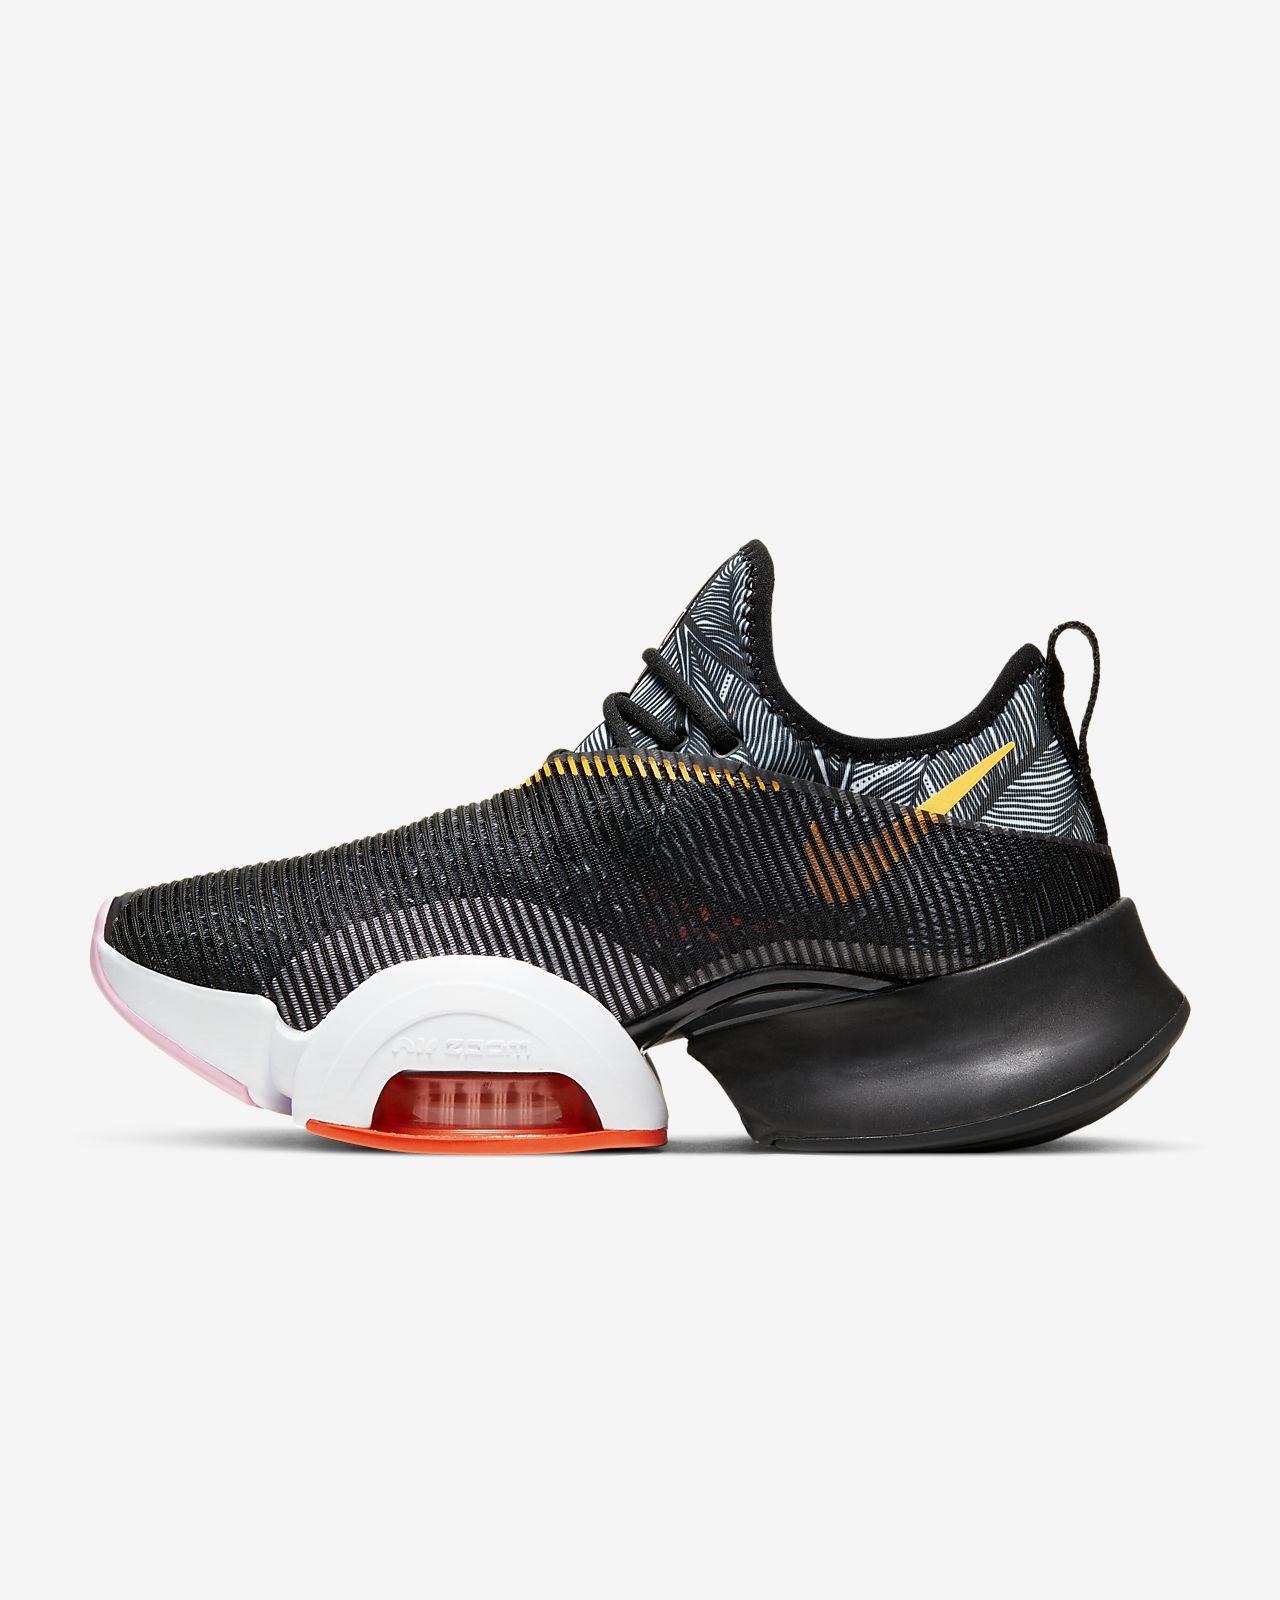 amplia selección de colores y diseños ahorre hasta 80% como serch Calzado para mujer Nike Air Zoom SuperRep HIIT Class. Nike.com